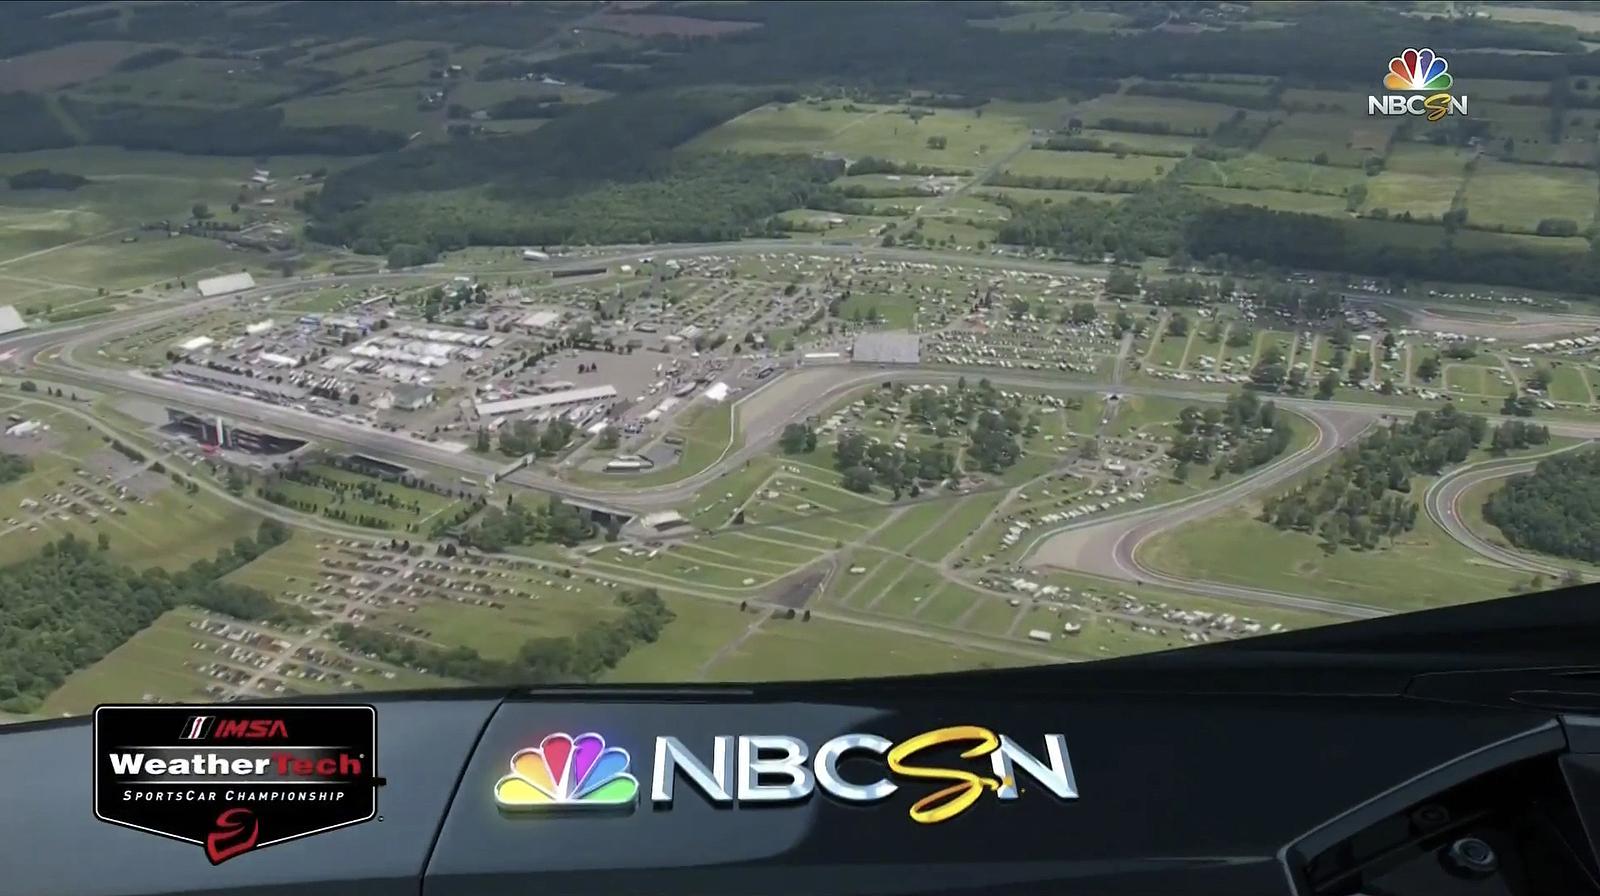 NCS_NBC-Sports_IMSA-Weathertech-Championship-Graphics_0013